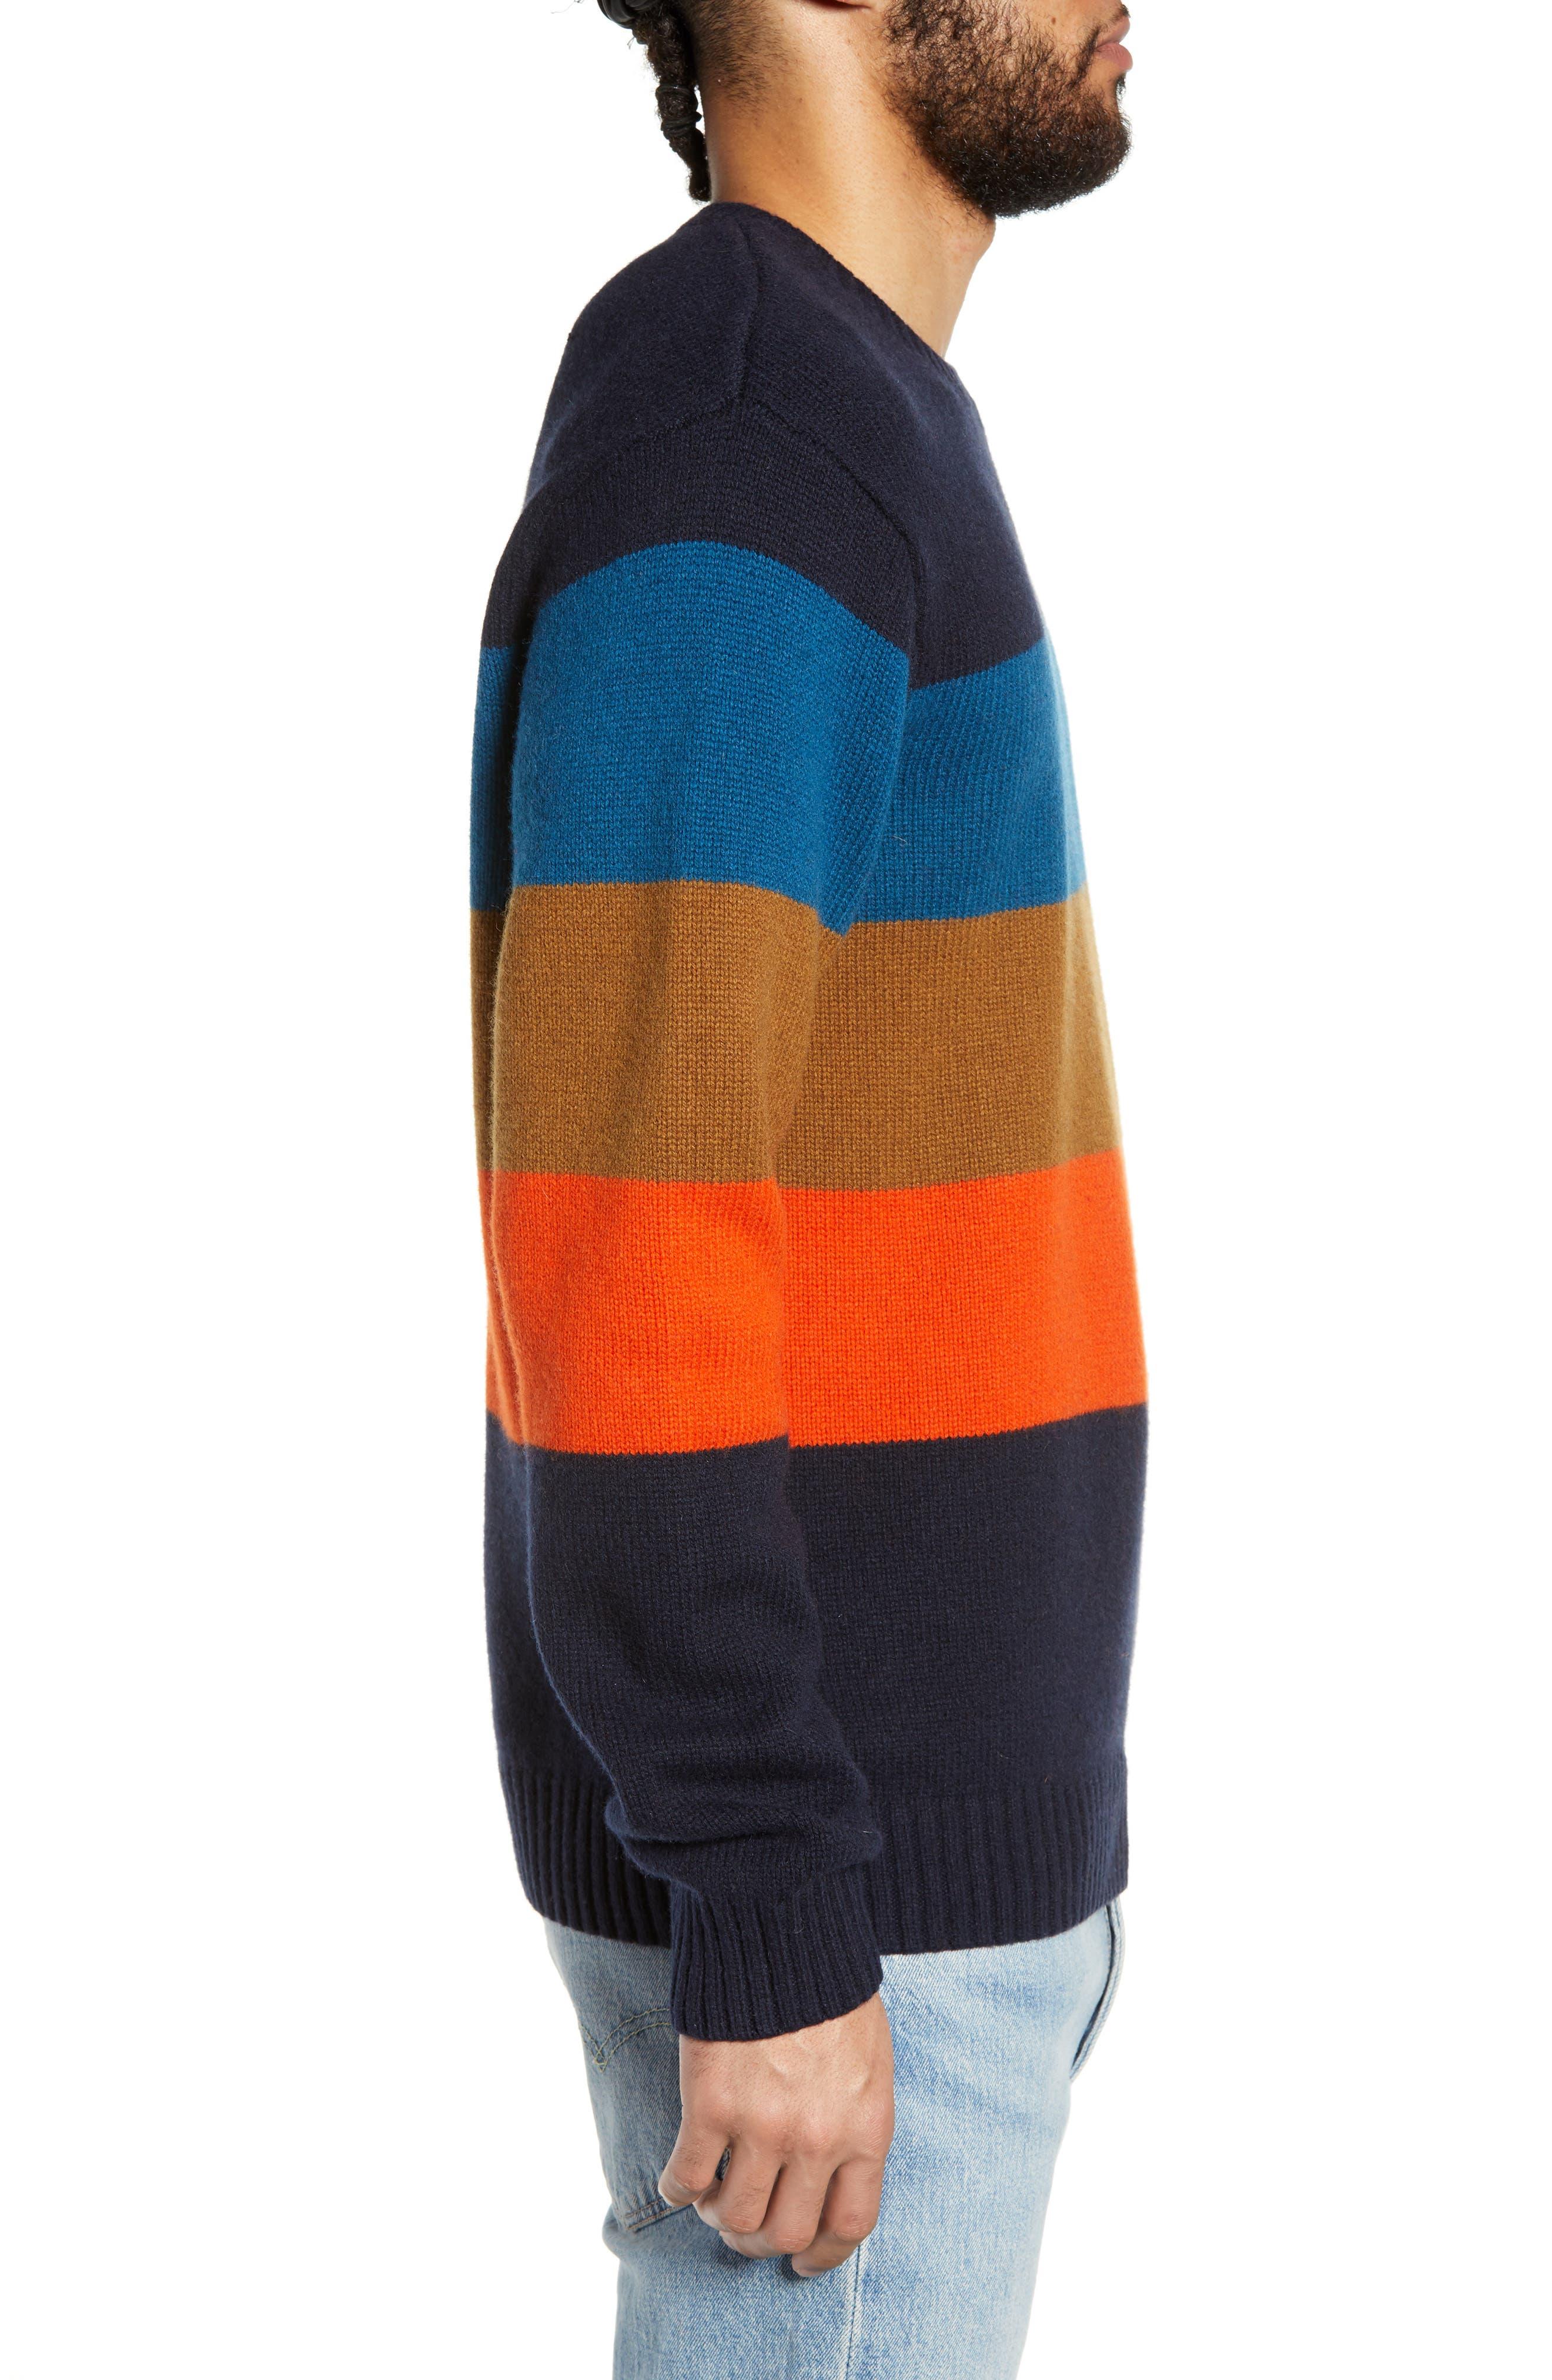 Goldner Stripe Wool Sweater,                             Alternate thumbnail 3, color,                             GOLD STRIPE DARK NAVY